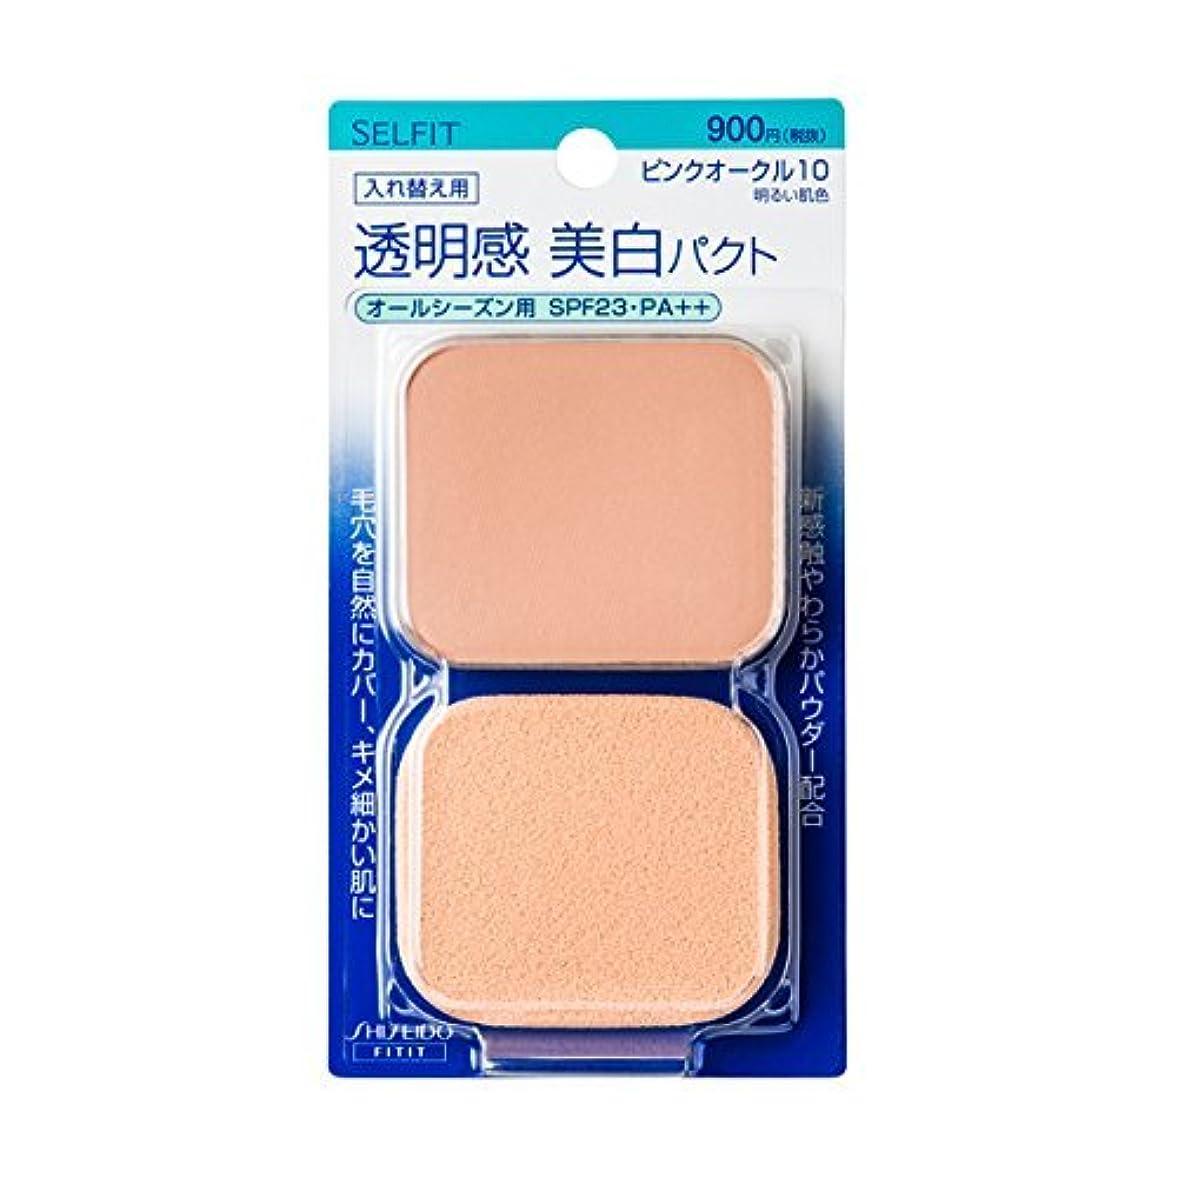 日魔法何故なのセルフィット ピュアホワイトファンデーション ピンクオークル10 (レフィル) 13g×3個